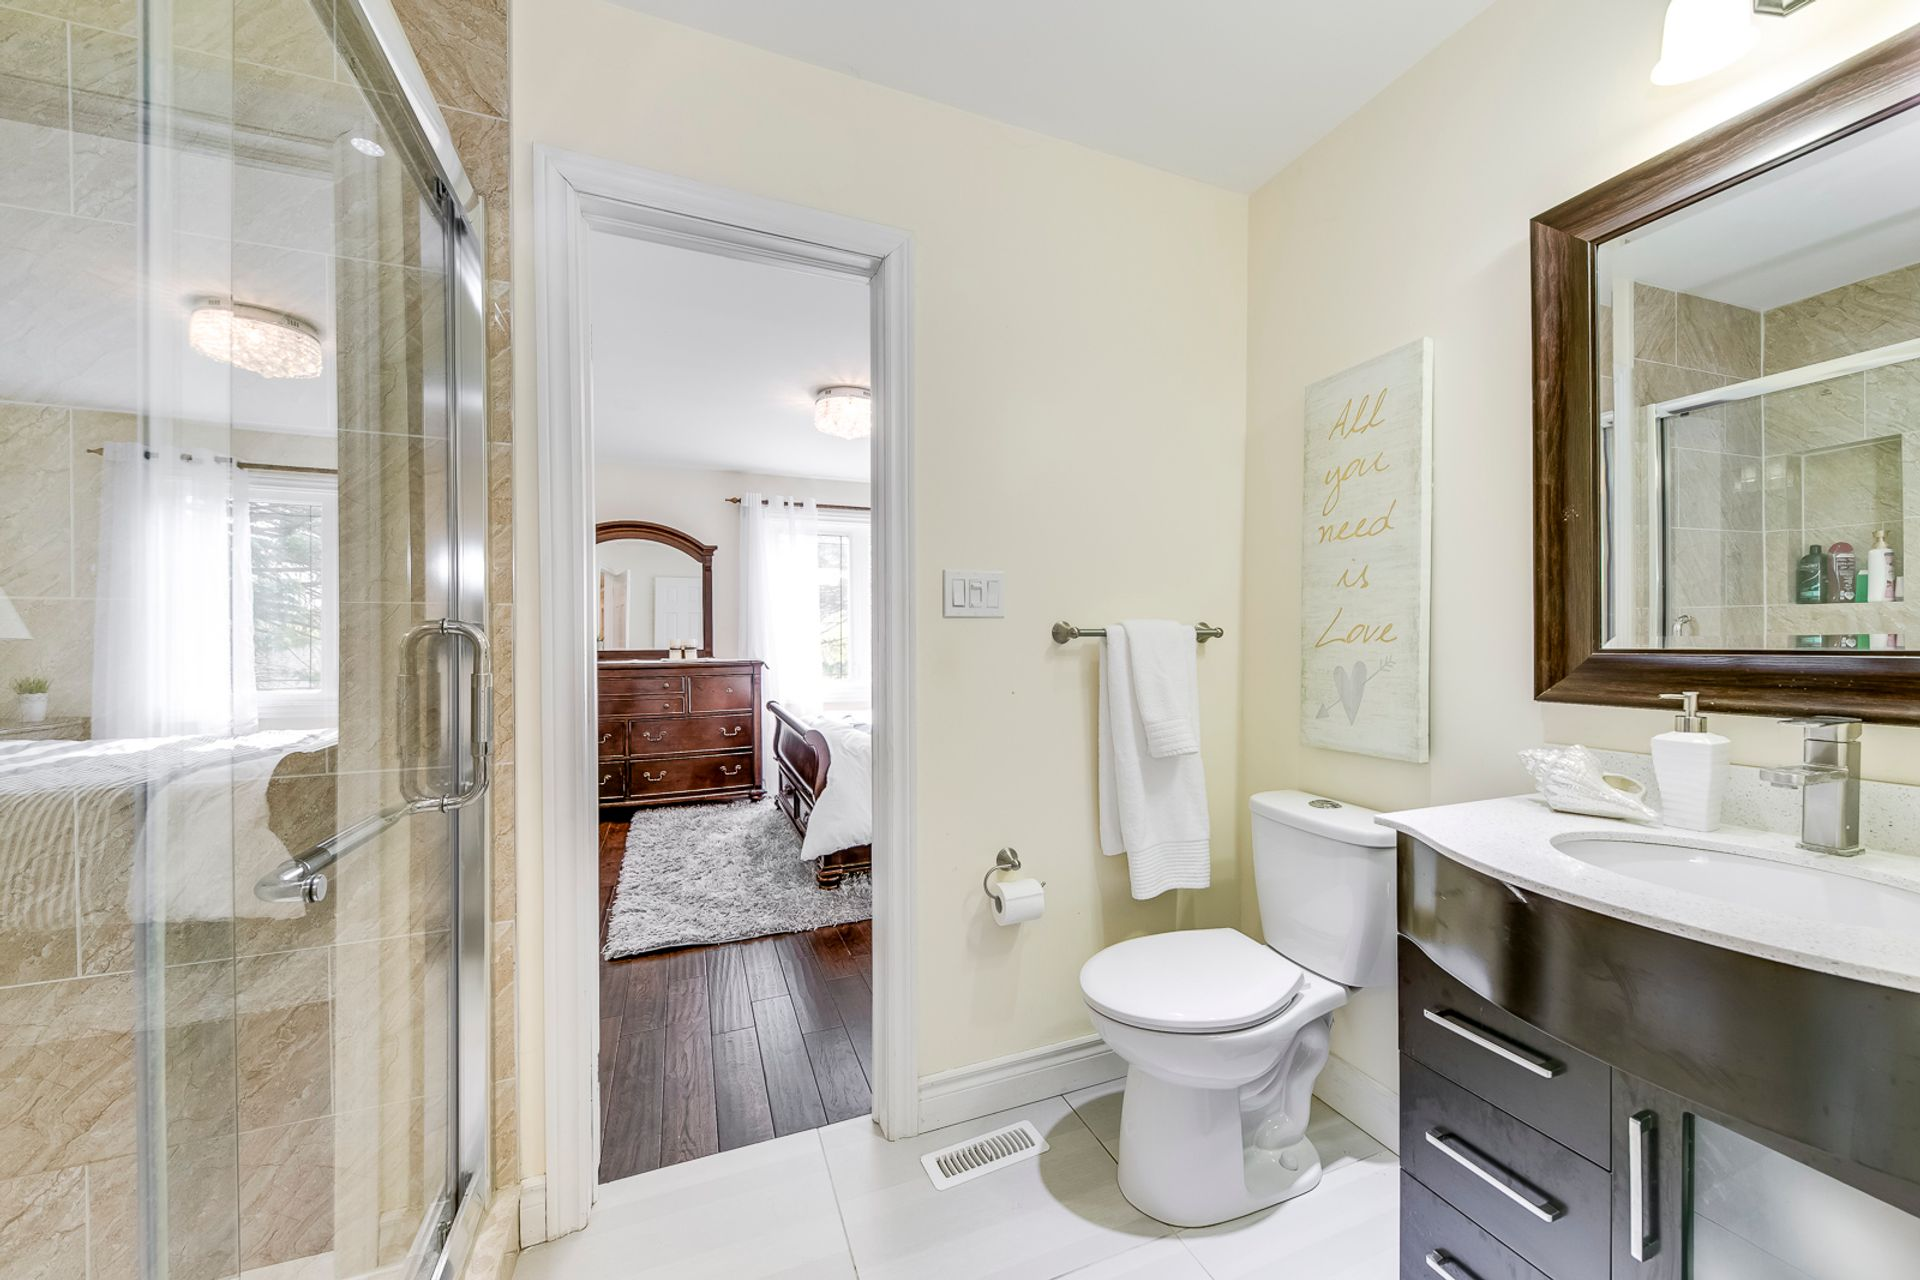 Jack & Jill Bathroom - 2421 Jarvis St, Mississauga - Elite3 & Team at 2421 Jarvis Street, Airport Corporate, Mississauga